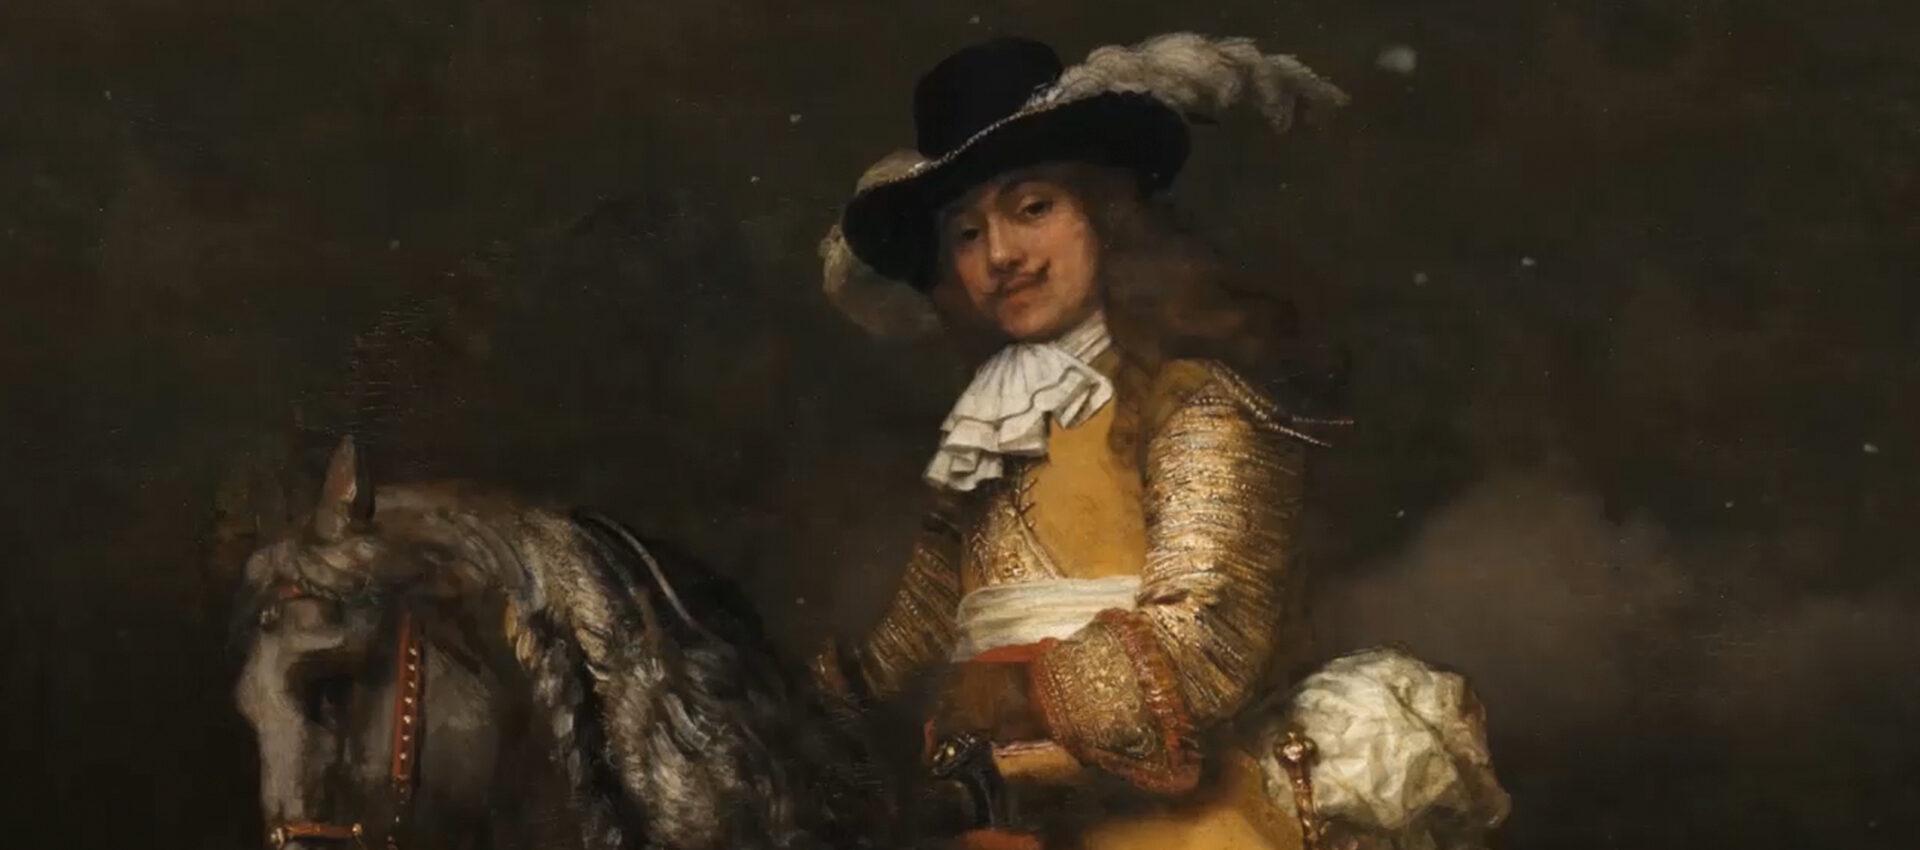 Highlight Rembrandtswerkenkomentotleven